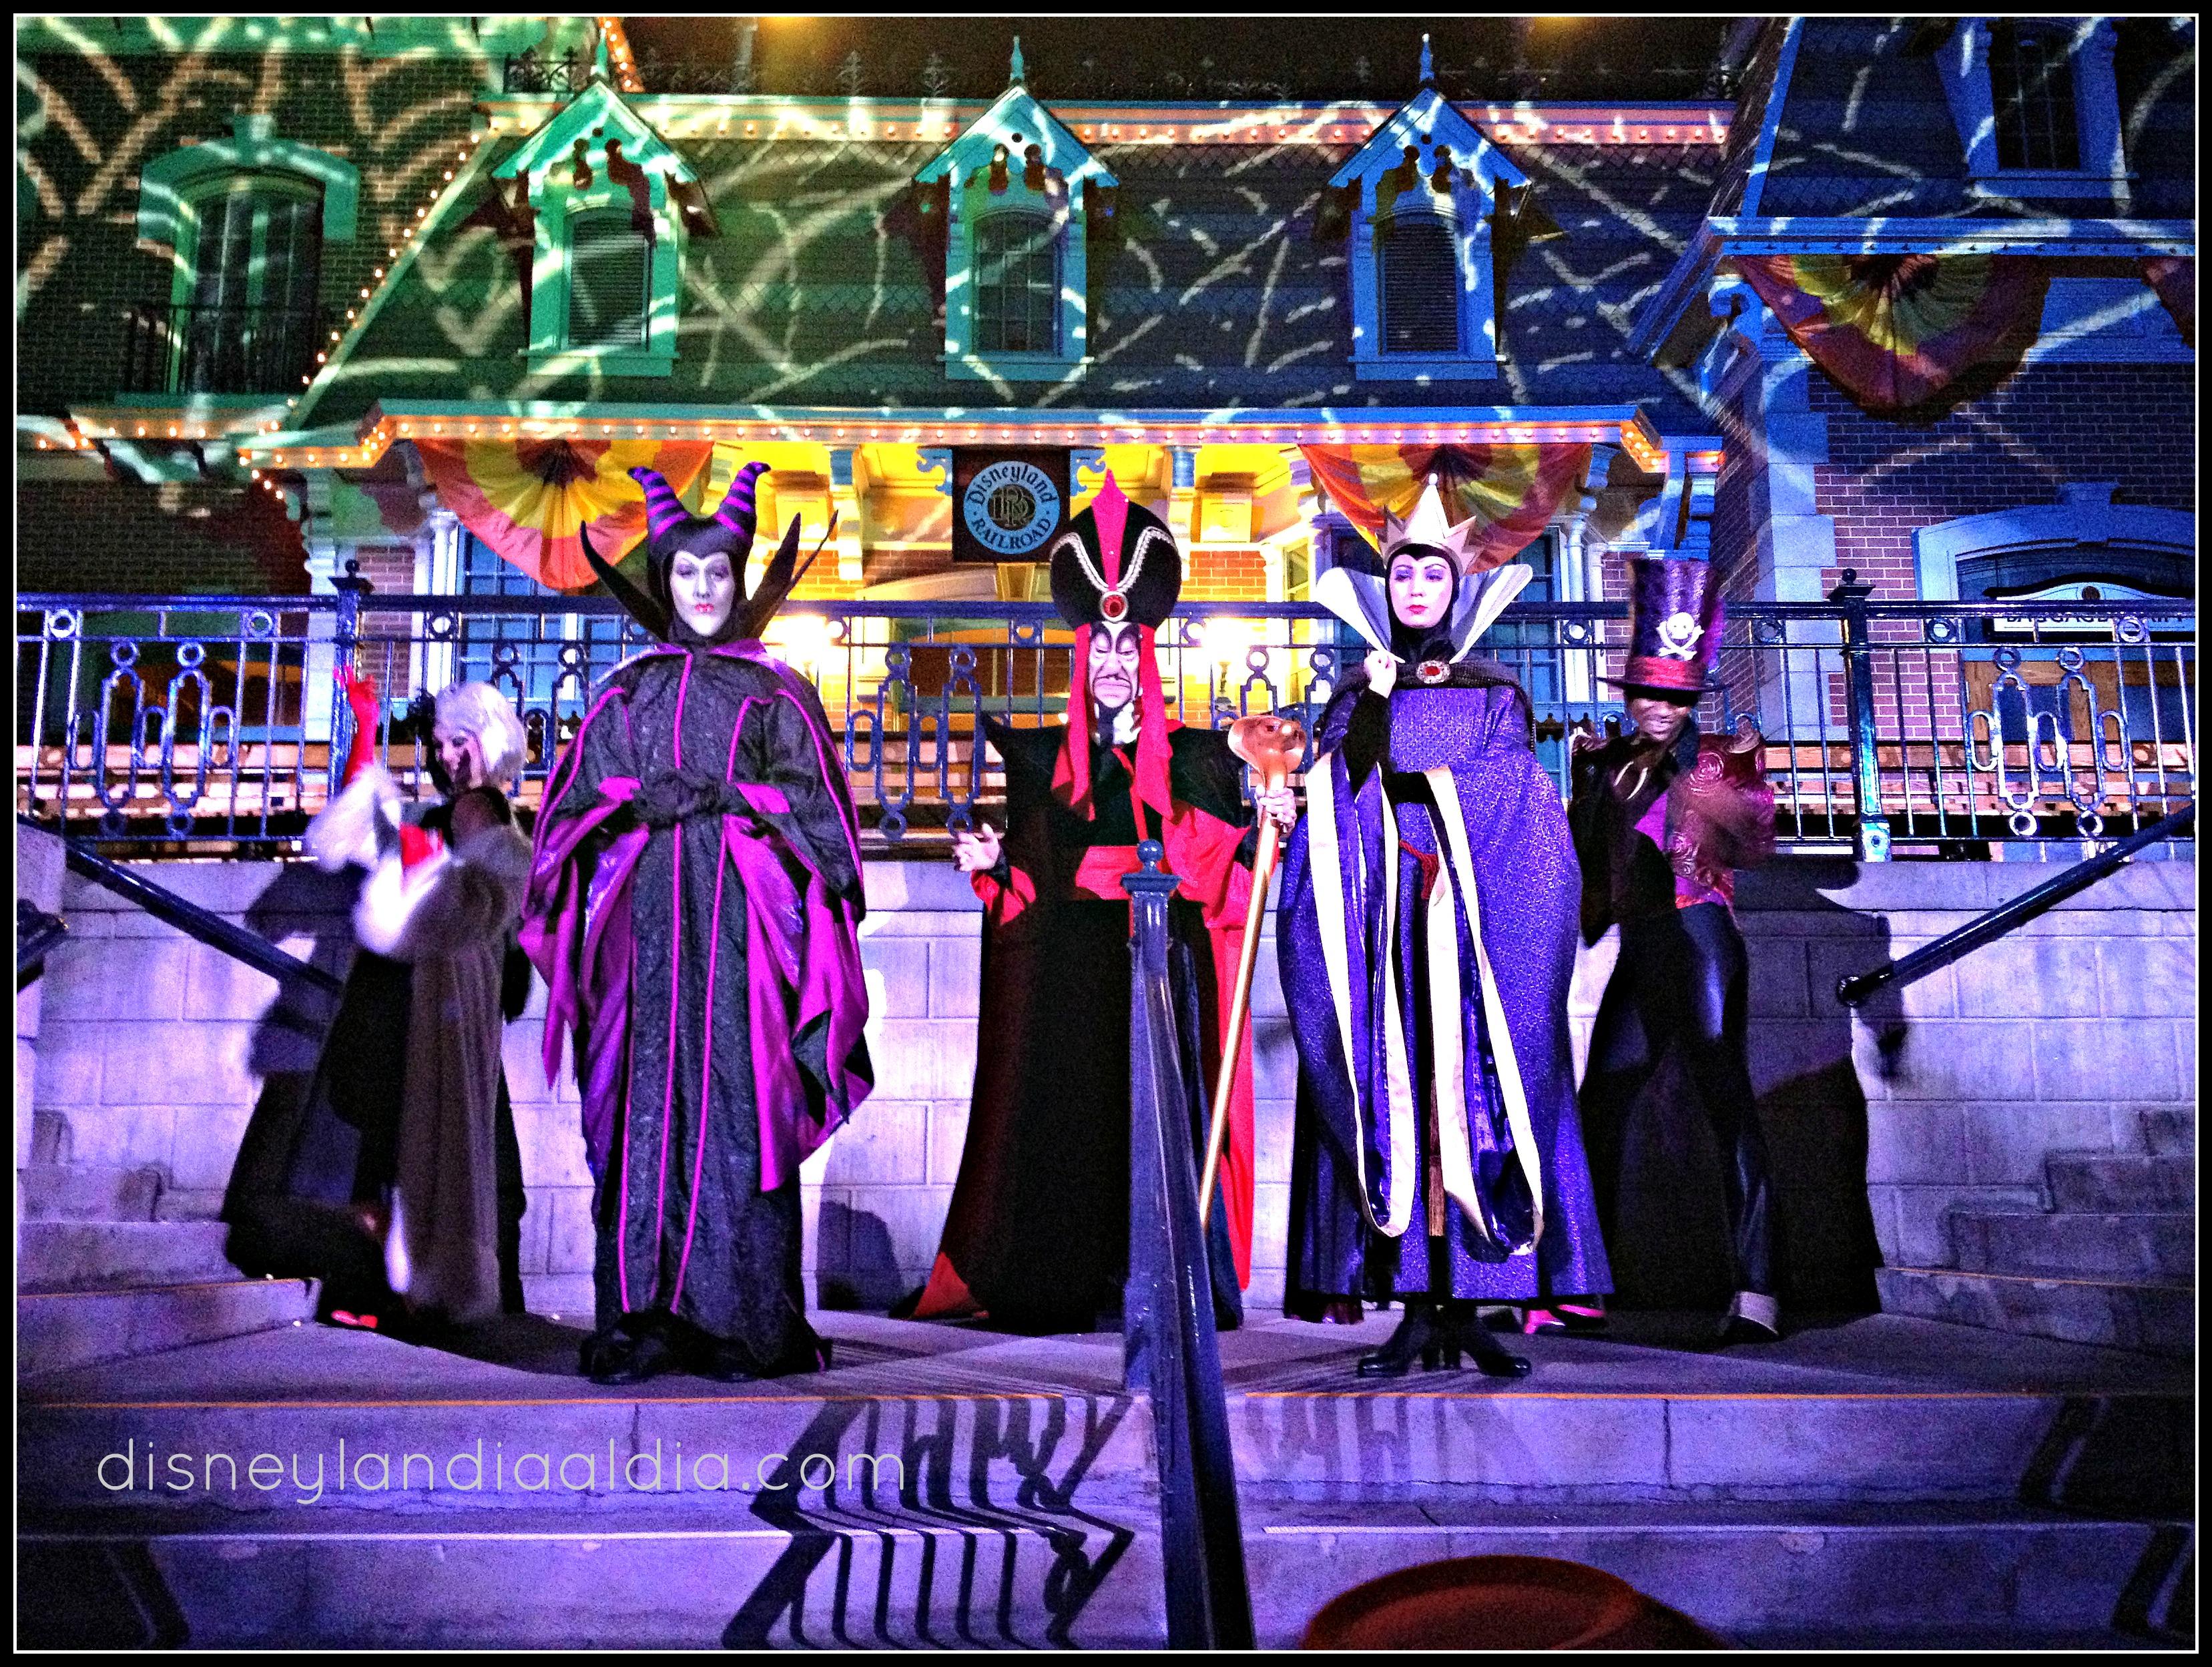 gana-boletos-para-mickeys-halloween-party-win-tickets-to-mickeys-halloween-party